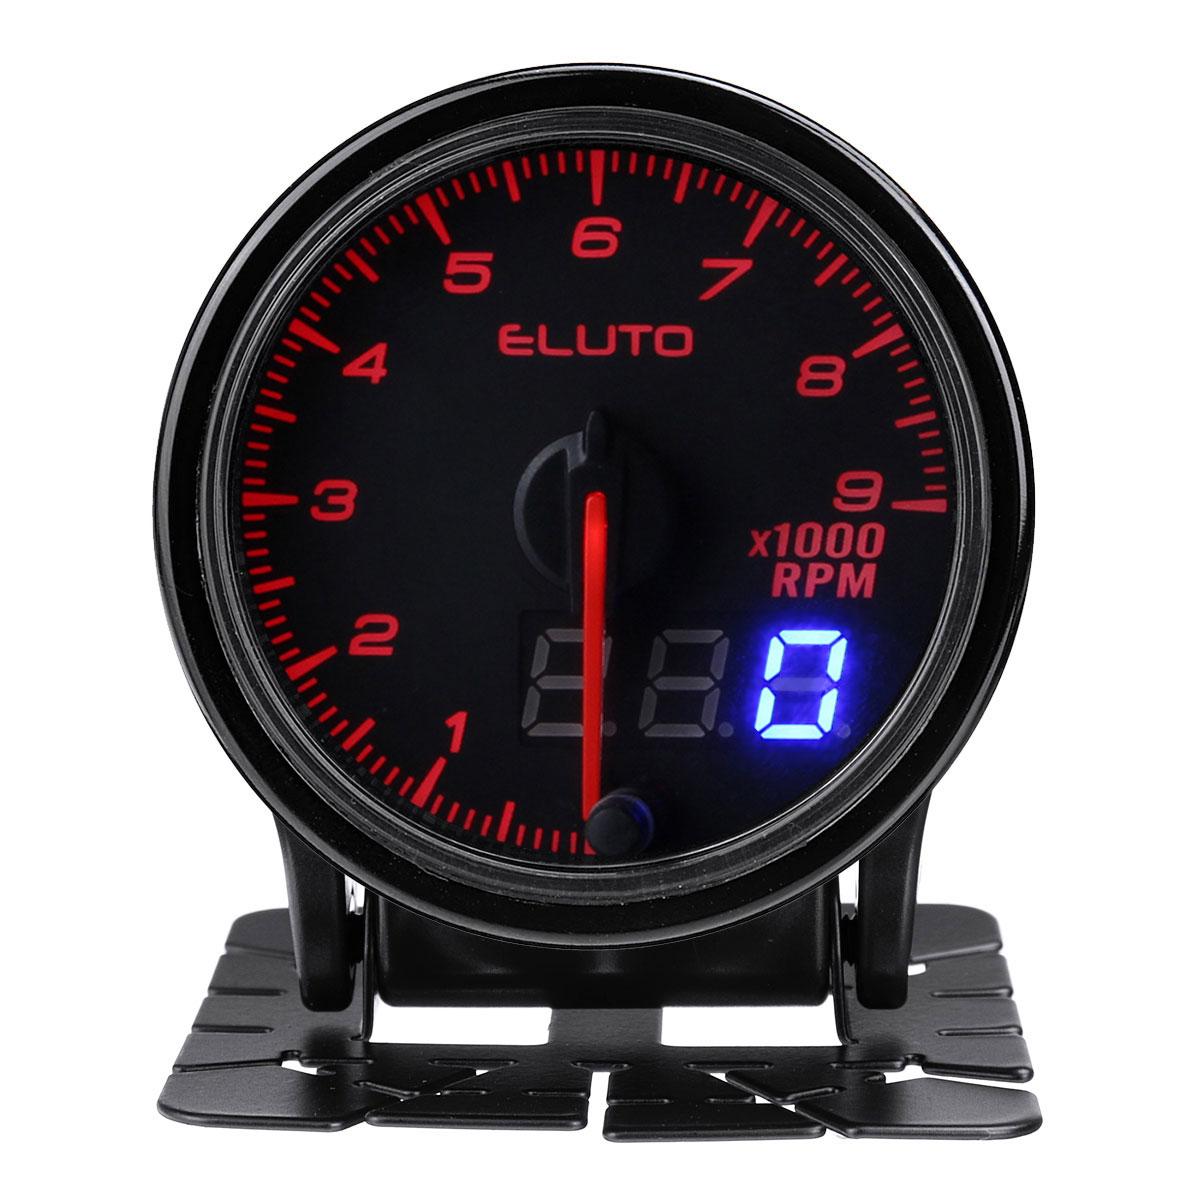 Дюймов 52 мм Auto Tach Тахометр RPM Датчик 10 Цвет LED Тонированное Лицо Универсальный